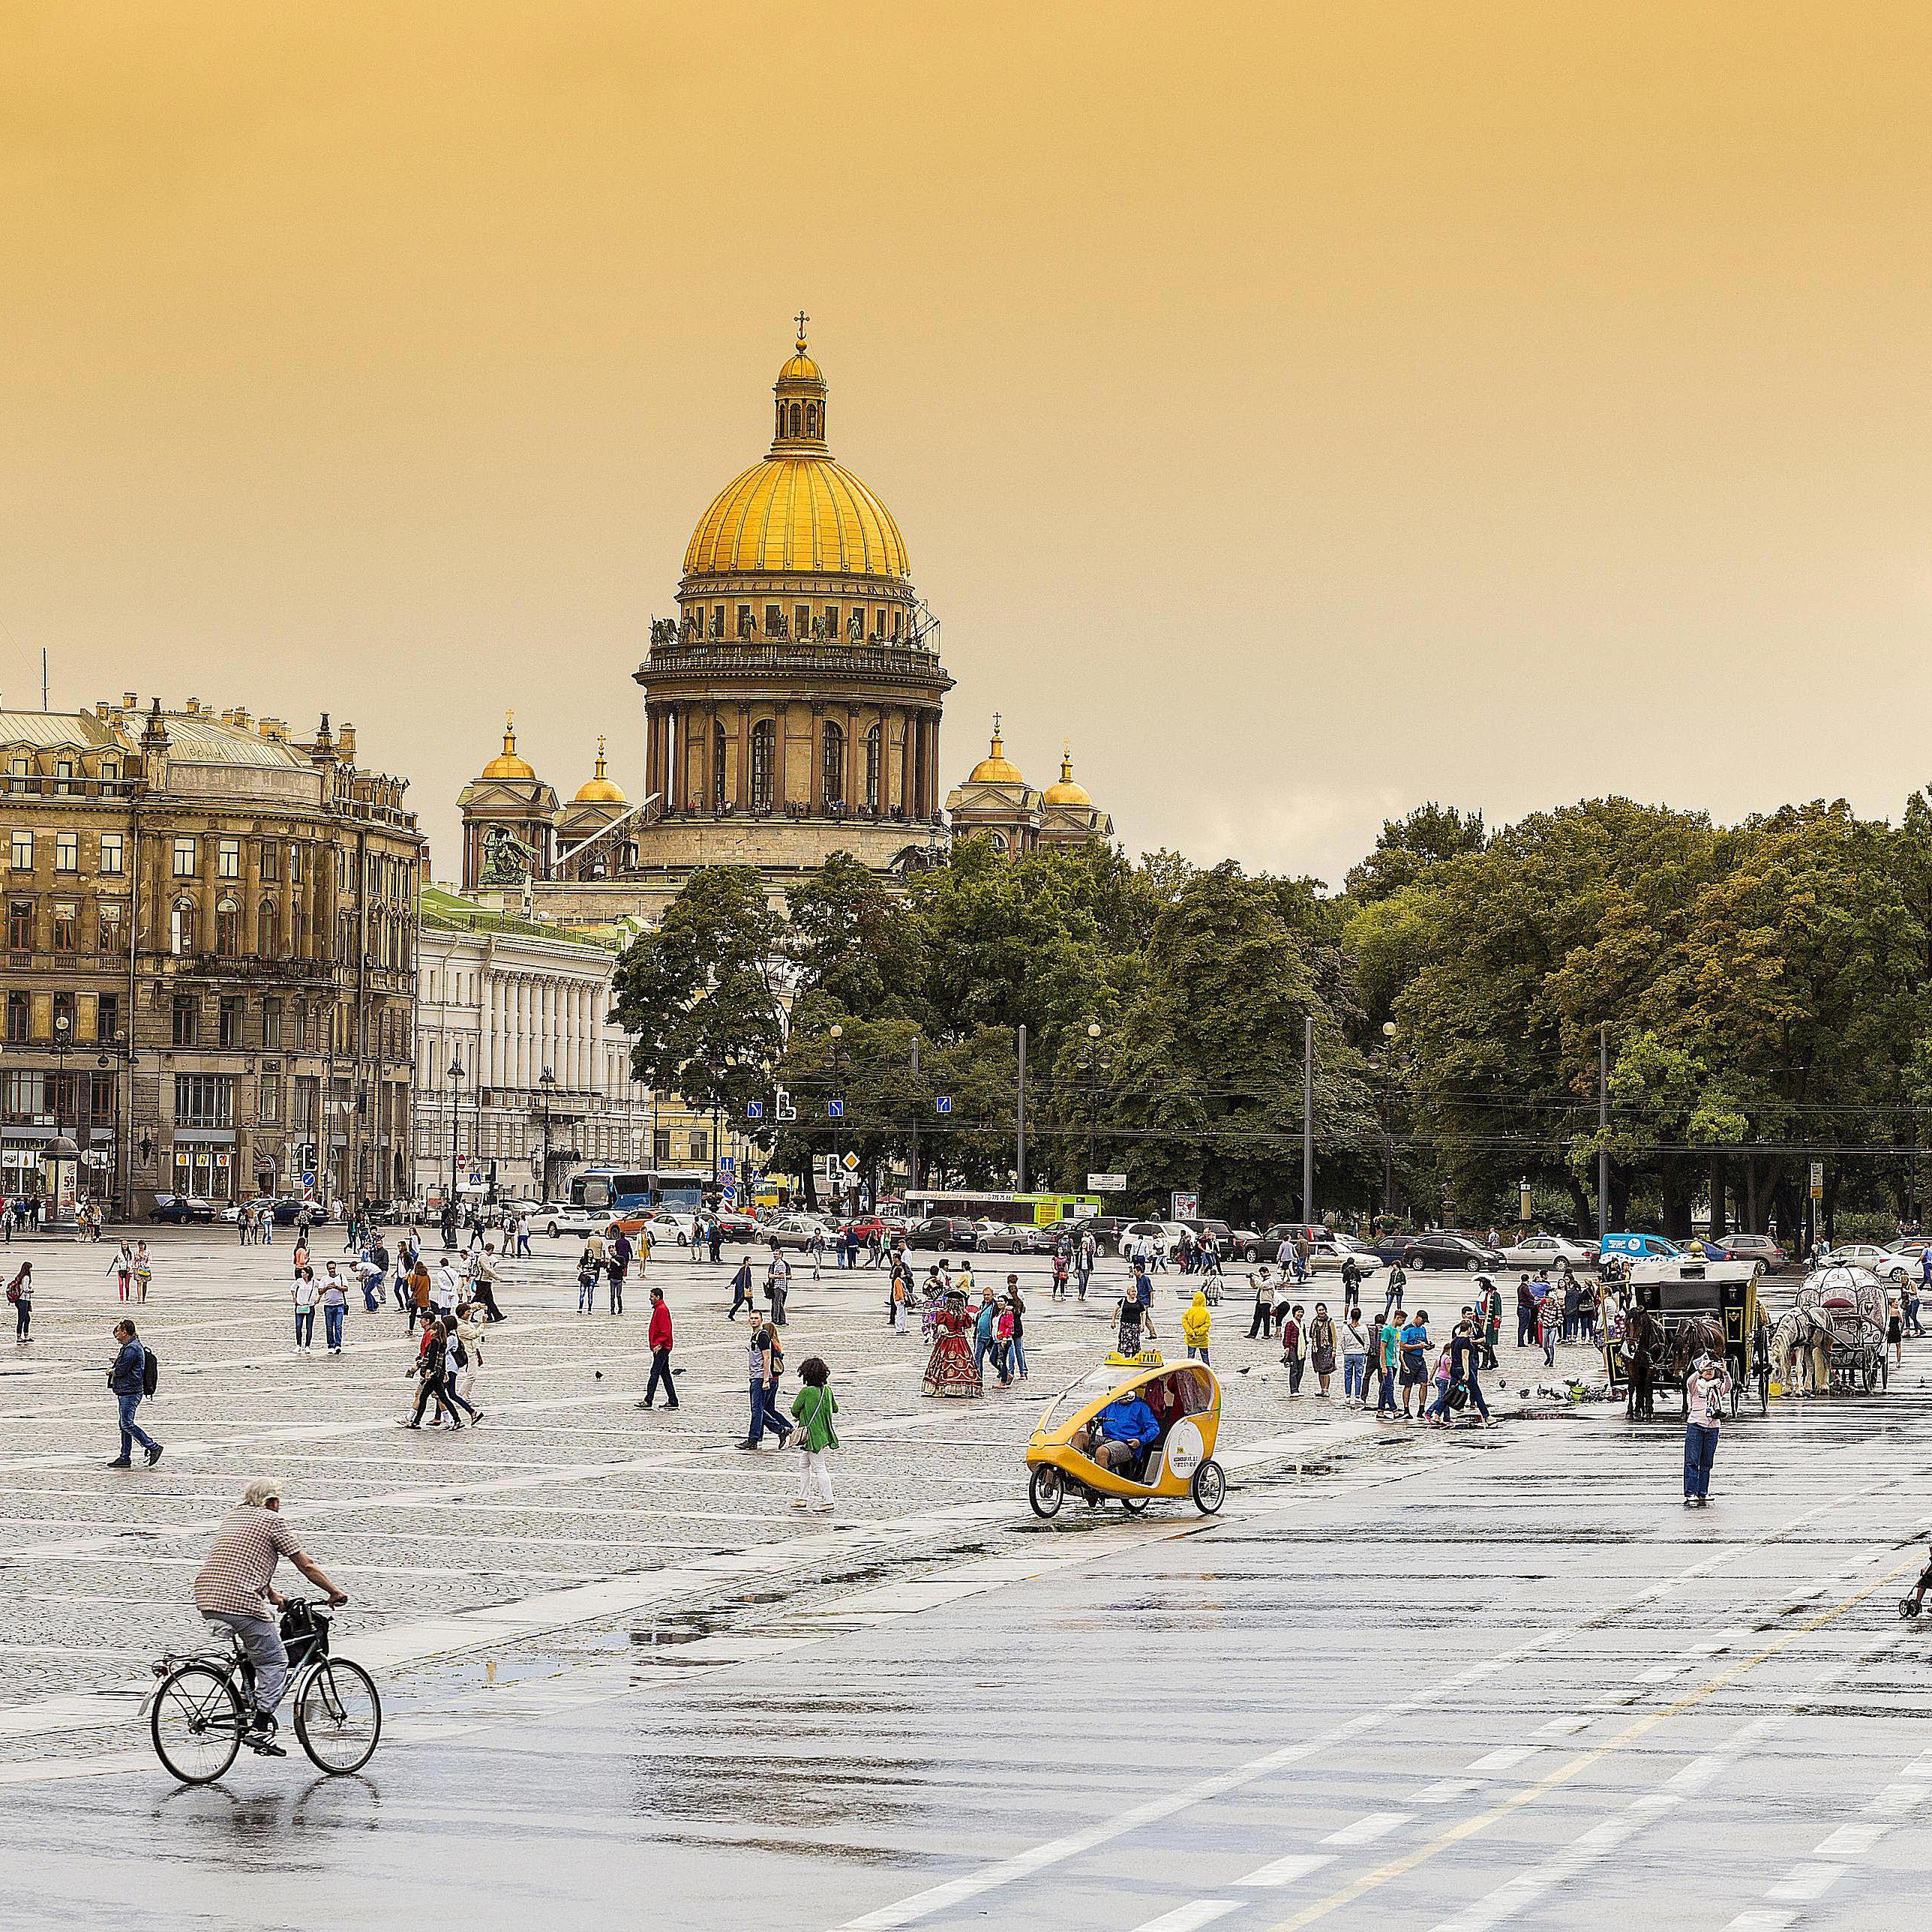 وجهات العطلة الصيفية في موسكو روسيا